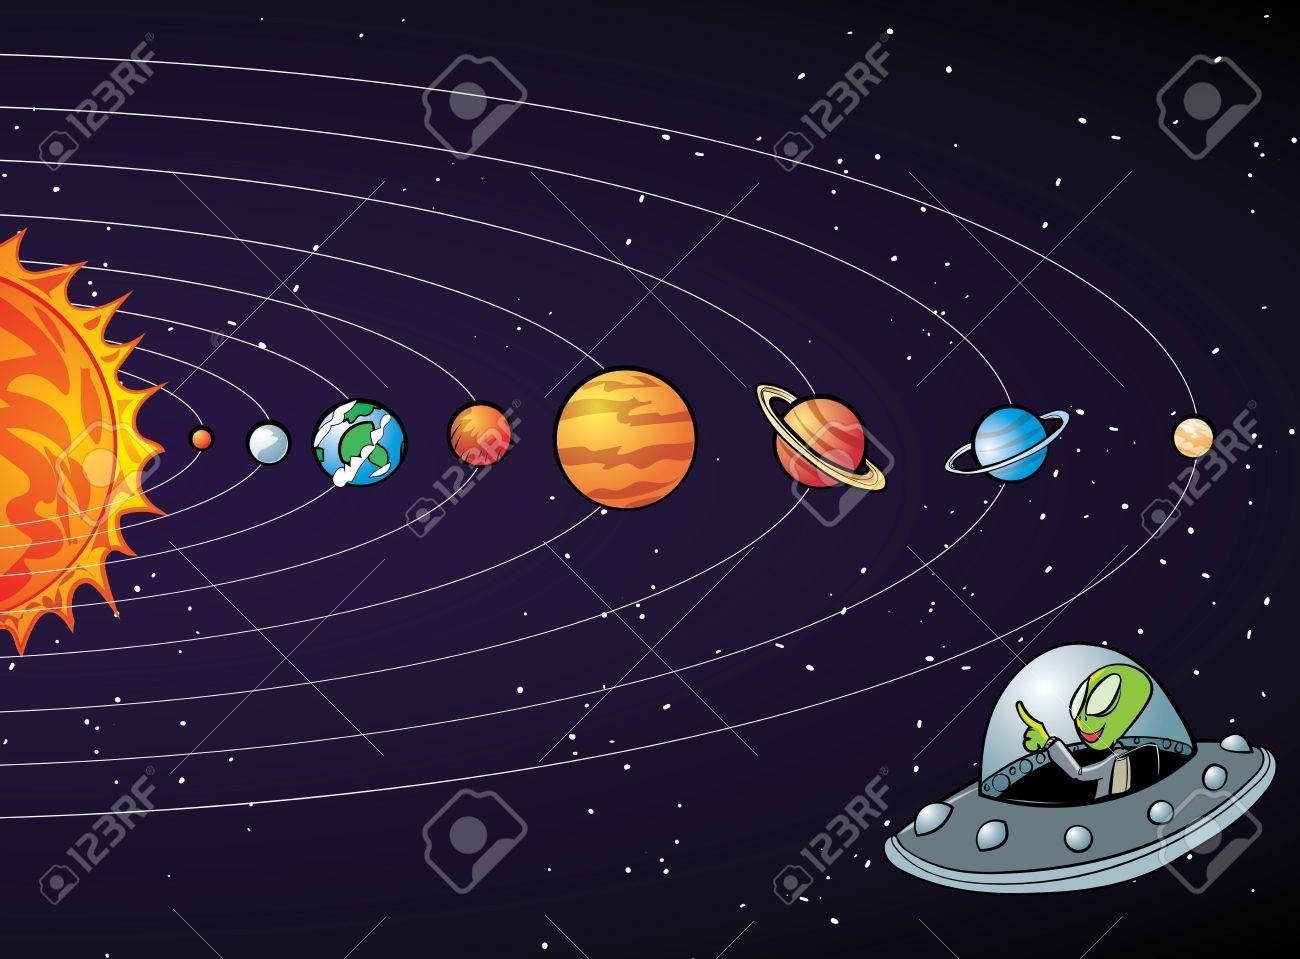 Dibujos Para Colorear Del Sistema Solar Para Ninos: Resultado De Imagen Para Sistema Solar Dibujo Animado